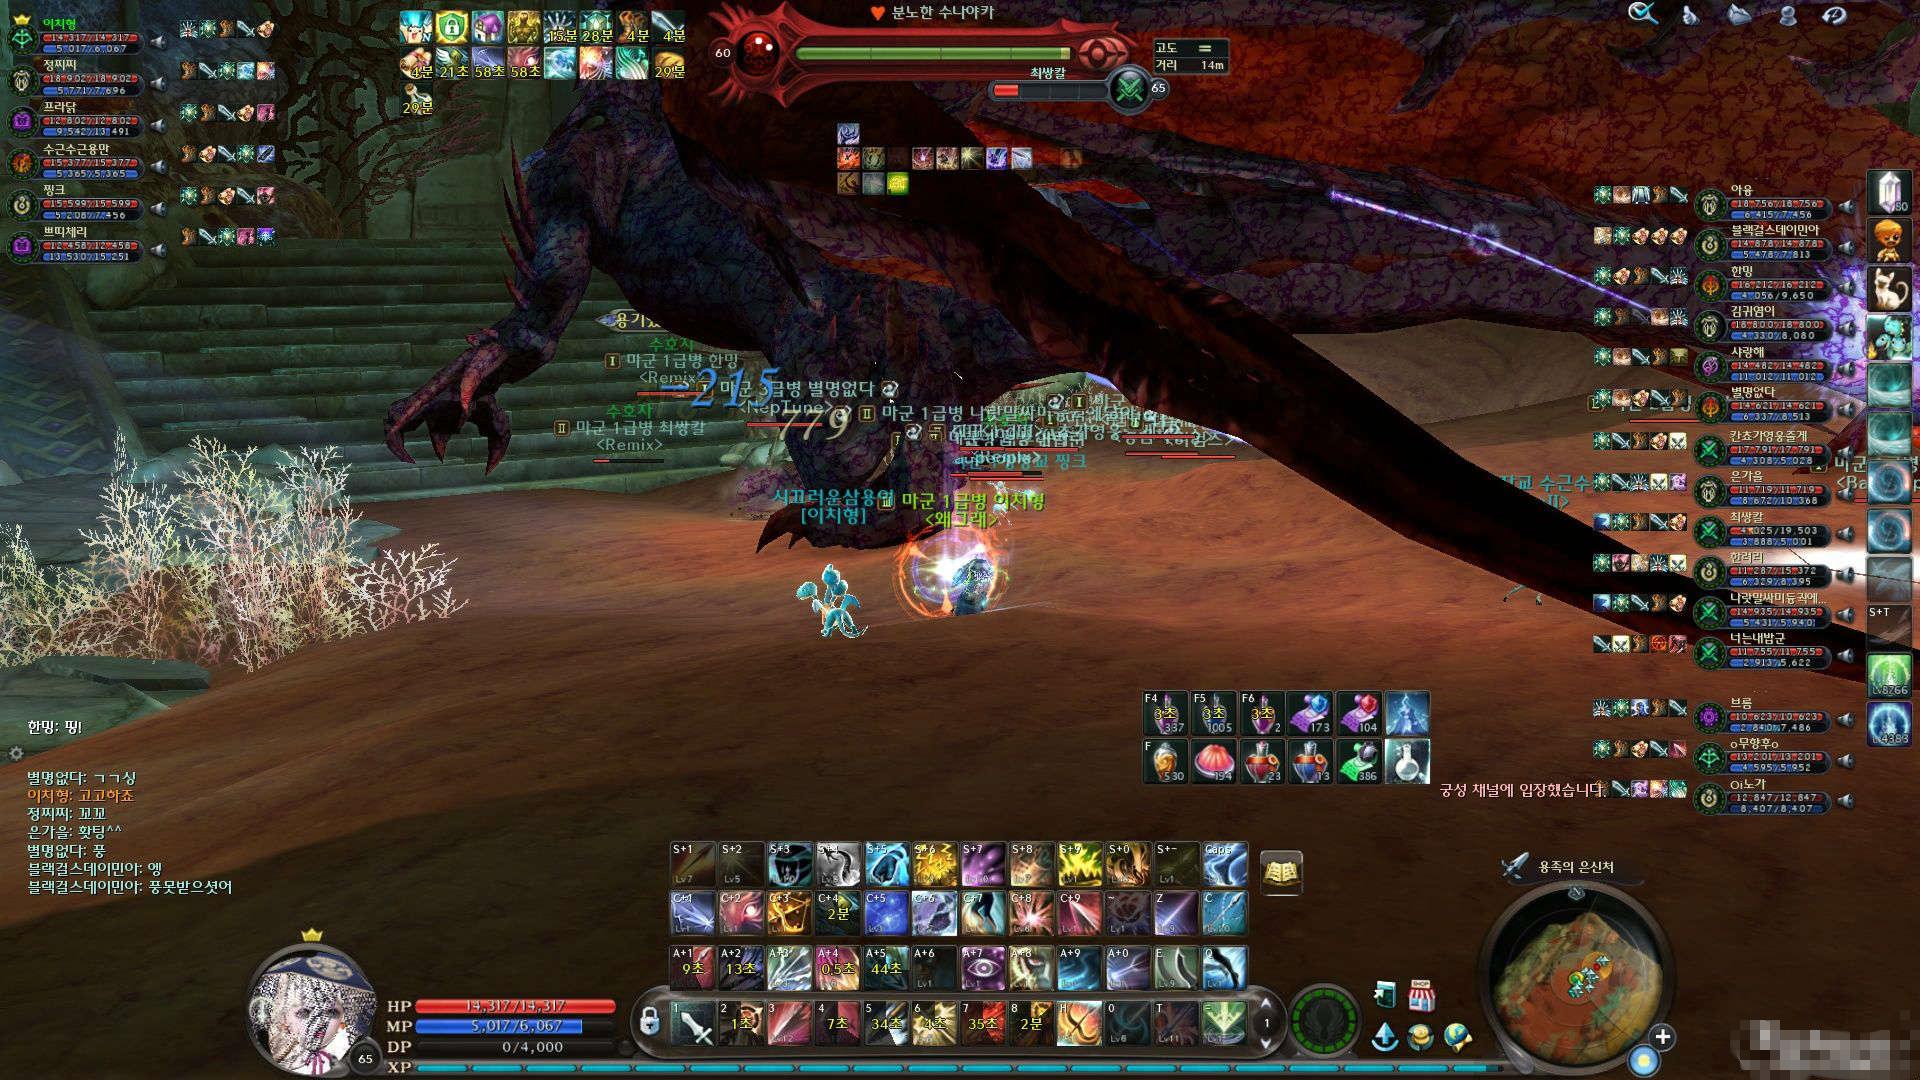 8新世界玩家击杀新地图龙区boss--永恒之塔